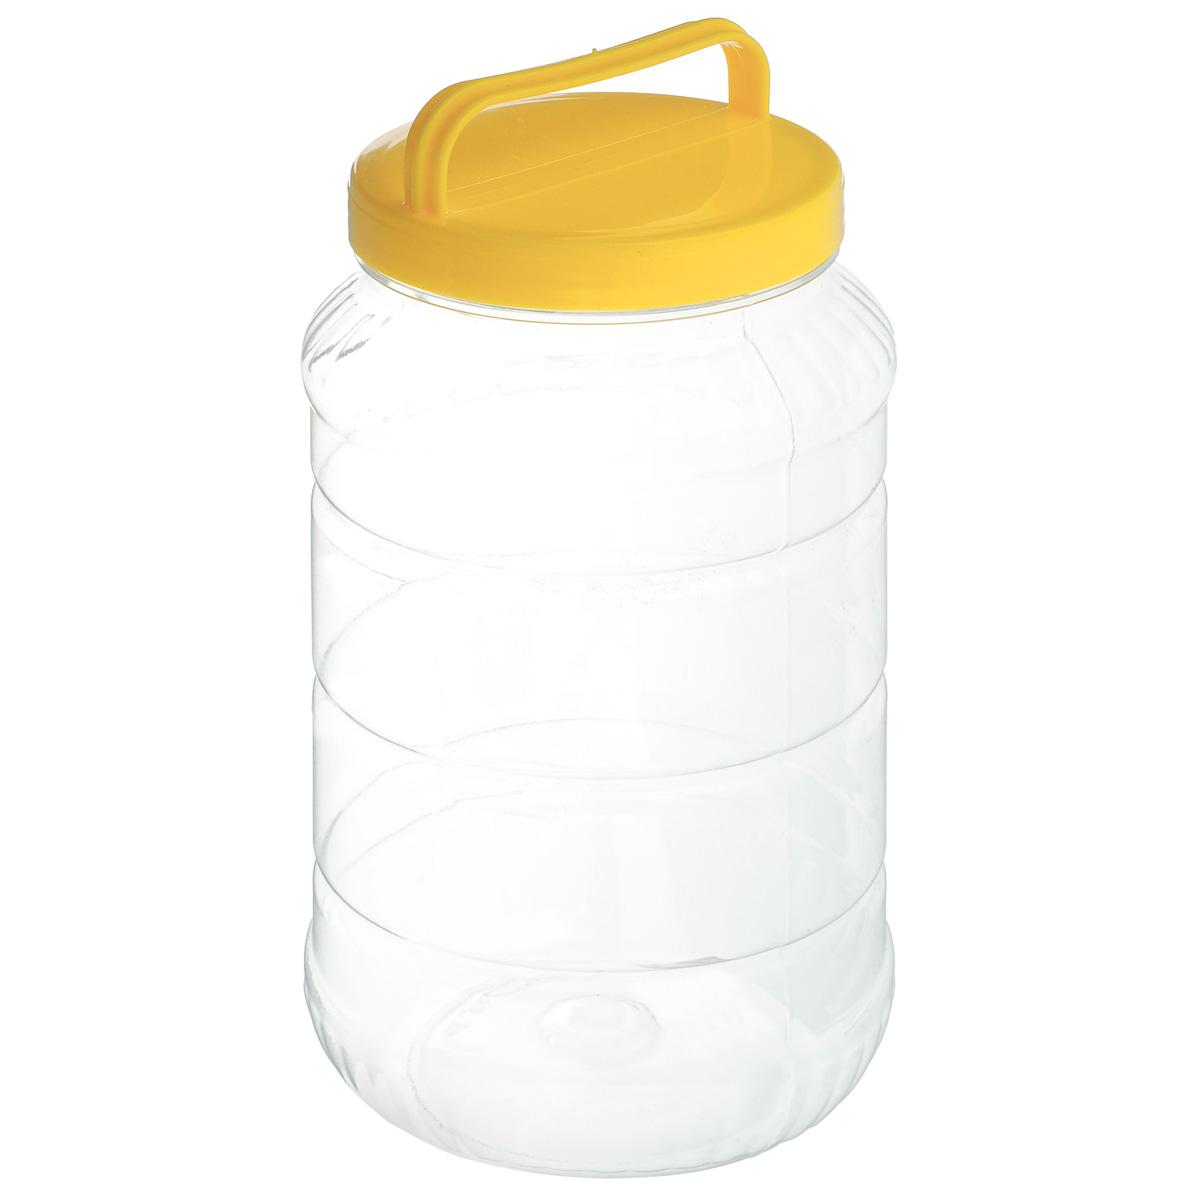 Бидон Альтернатива, цвет: желтый, 3 лVT-1520(SR)Бидон Альтернатива предназначен для хранения и переноски пищевых продуктов, таких как молоко, вода и прочее. Выполнен из пищевого высококачественного ПЭТ. Оснащен ручкой для удобной переноски.Бидон Альтернатива станет незаменимым аксессуаром на вашей кухне.Высота бидона (без учета крышки): 25 см.Диаметр: 10,5 см.